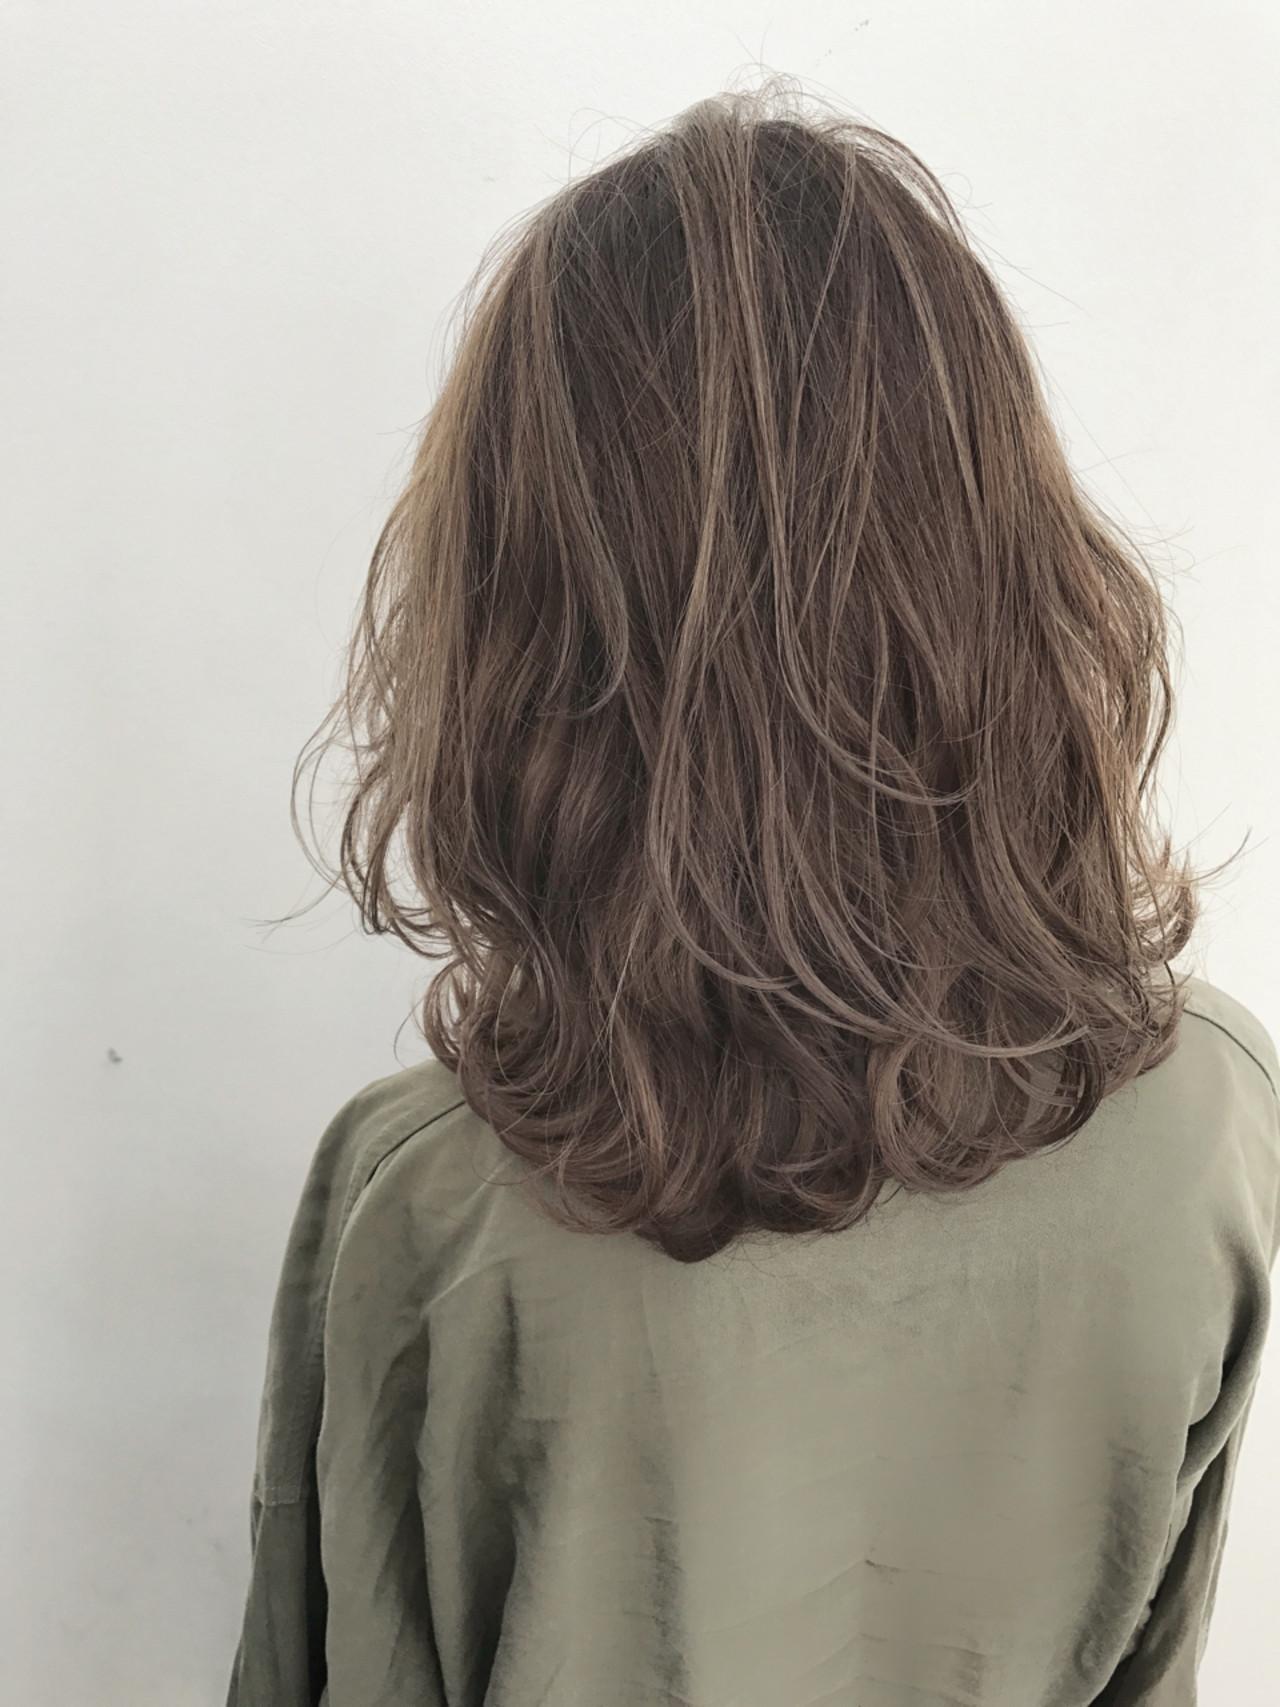 スポーツ ボブ 簡単ヘアアレンジ 外国人風 ヘアスタイルや髪型の写真・画像 | 長谷川 龍太 / hair design tea